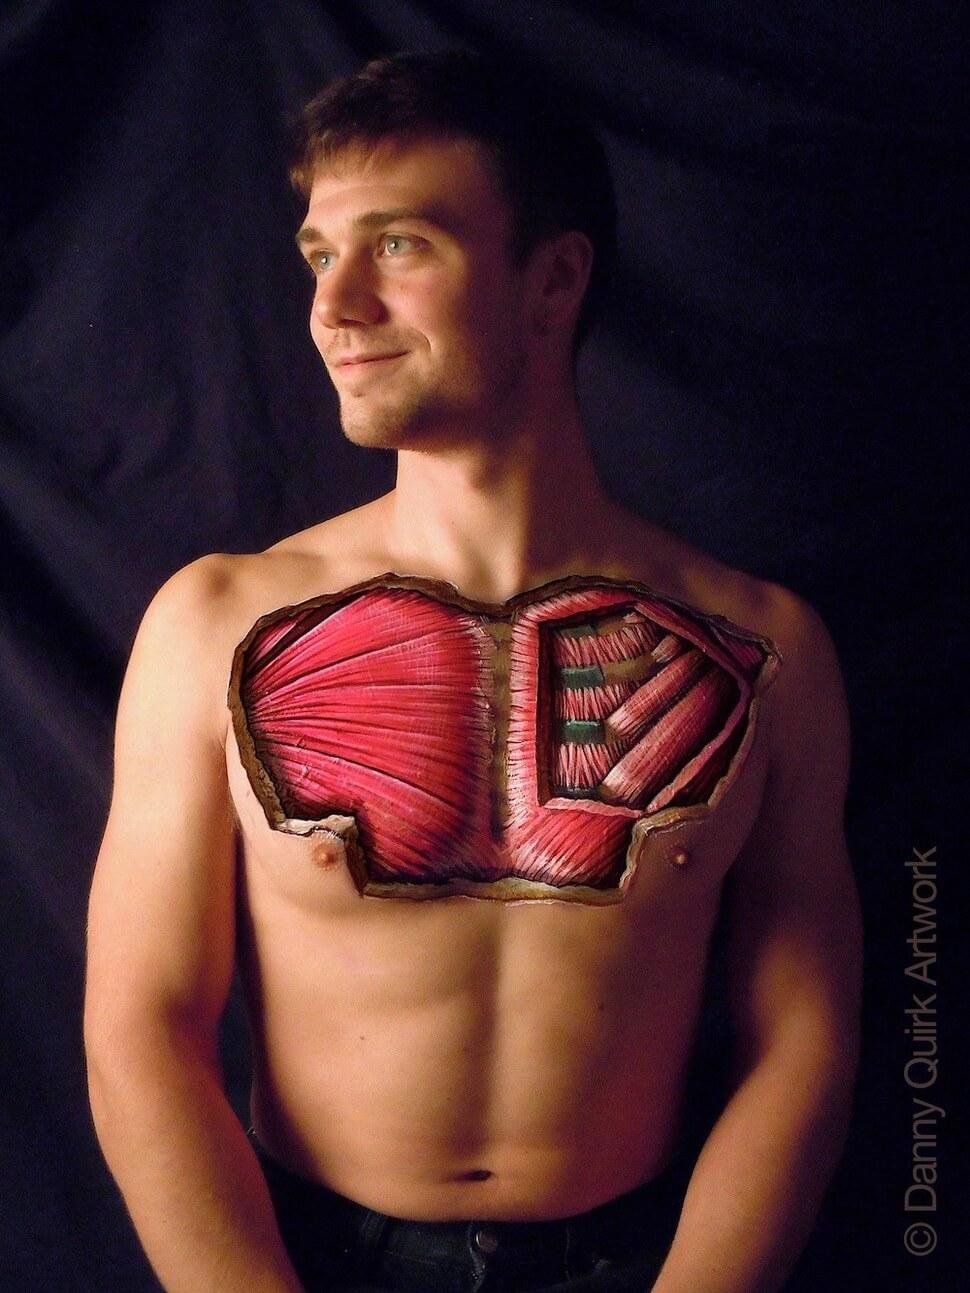 Danny Quirk el artista que ve más allá de la piel